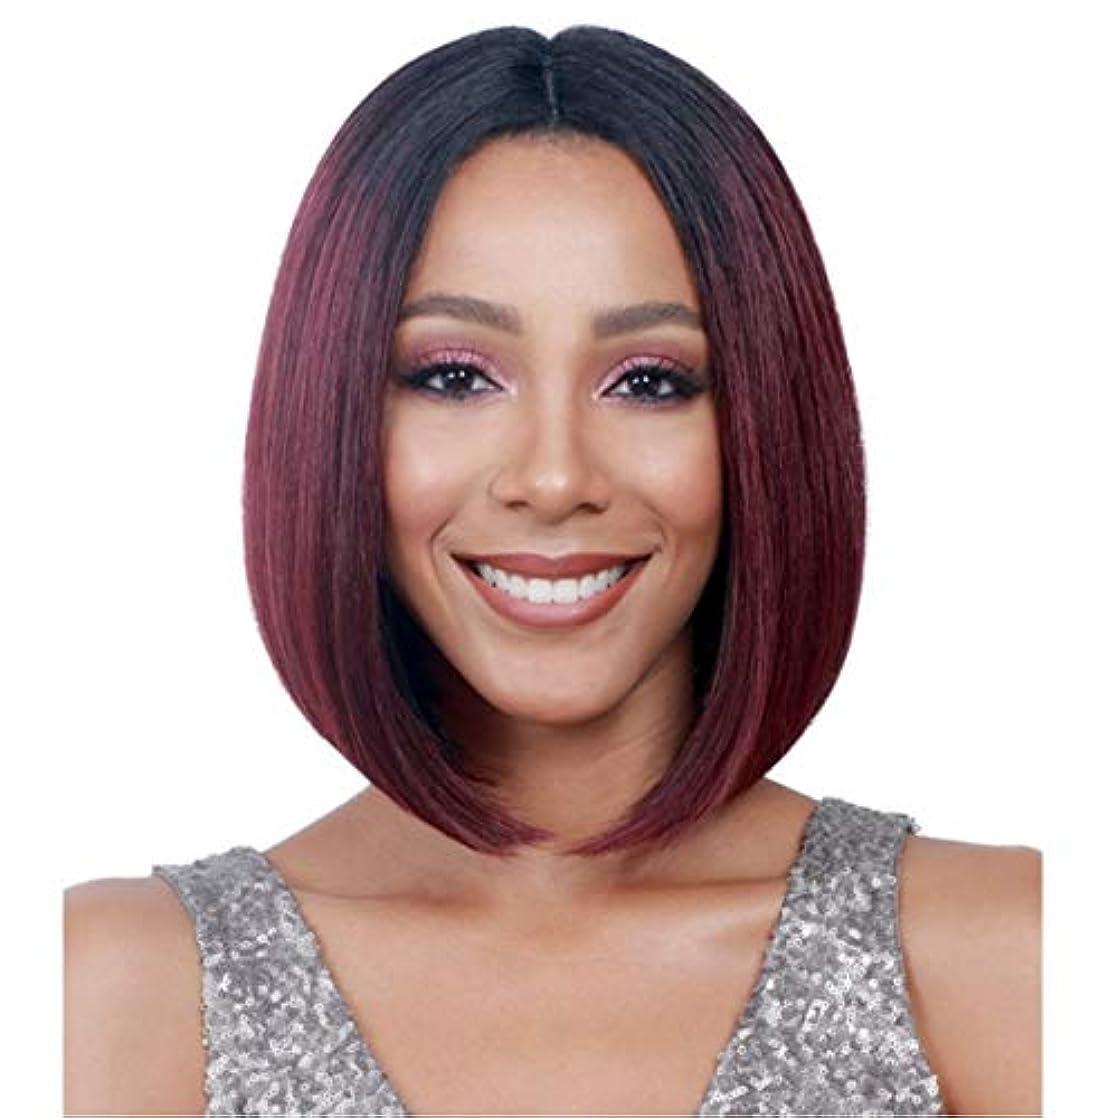 アレンジ酸素固有のKerwinner ボブウィッグショートストレート人工毛ナチュラルに見える女性用耐熱性